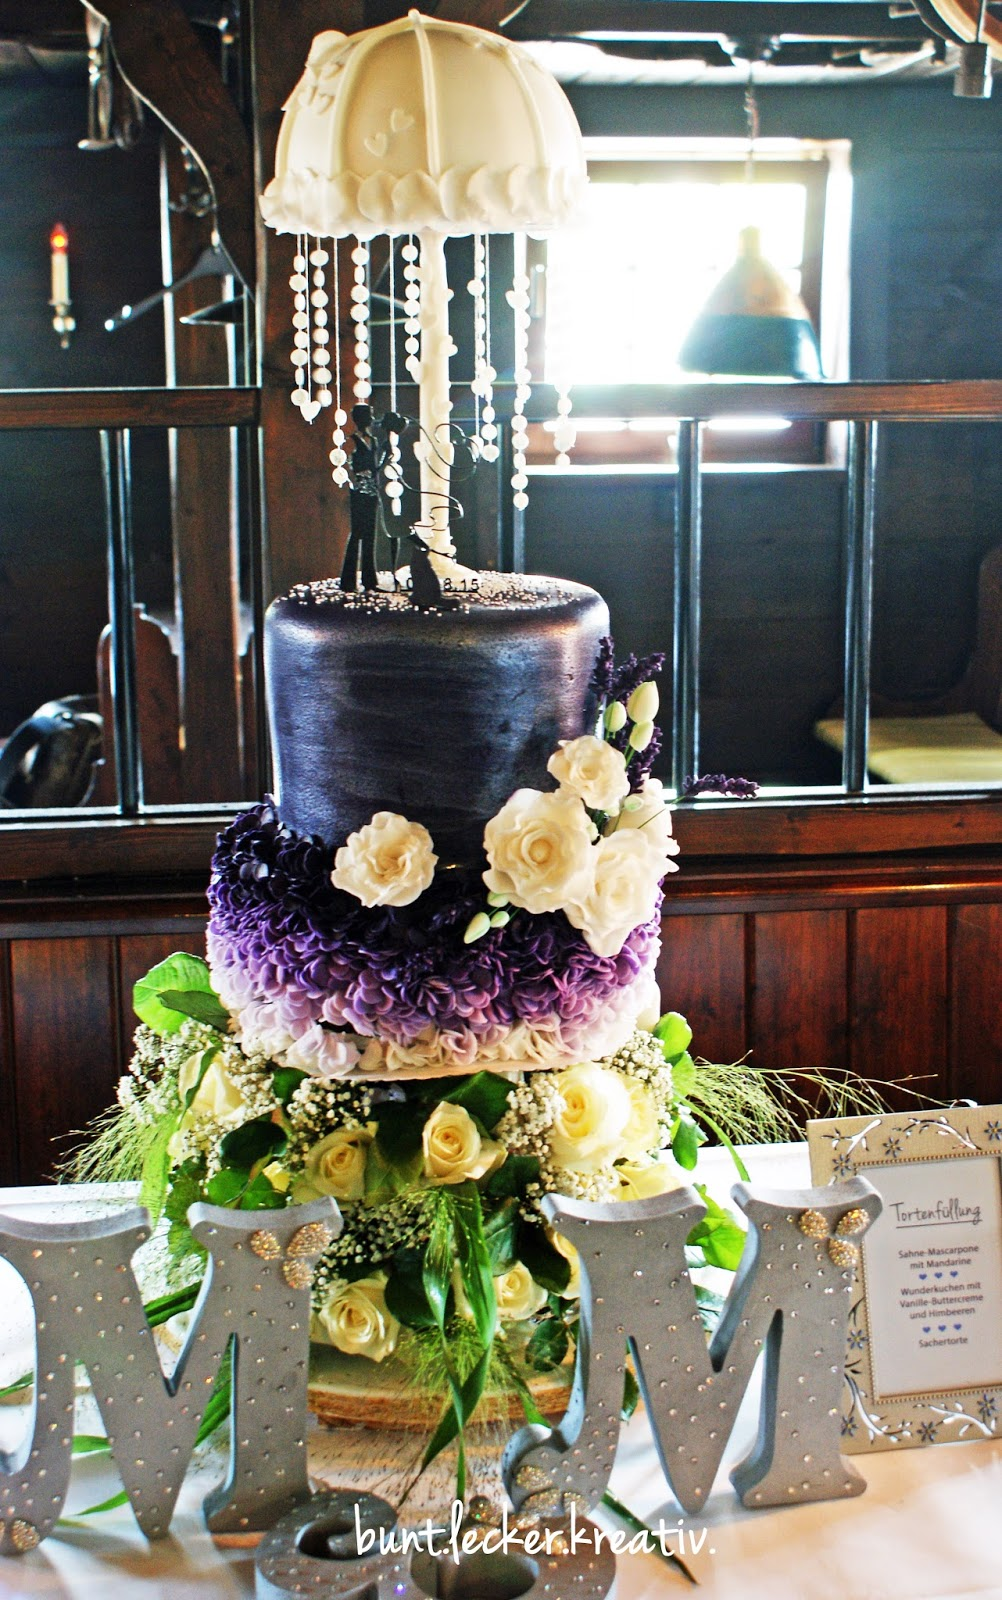 Ansprechend Hochzeitstorte Lila Foto Von In Lila-tönen.